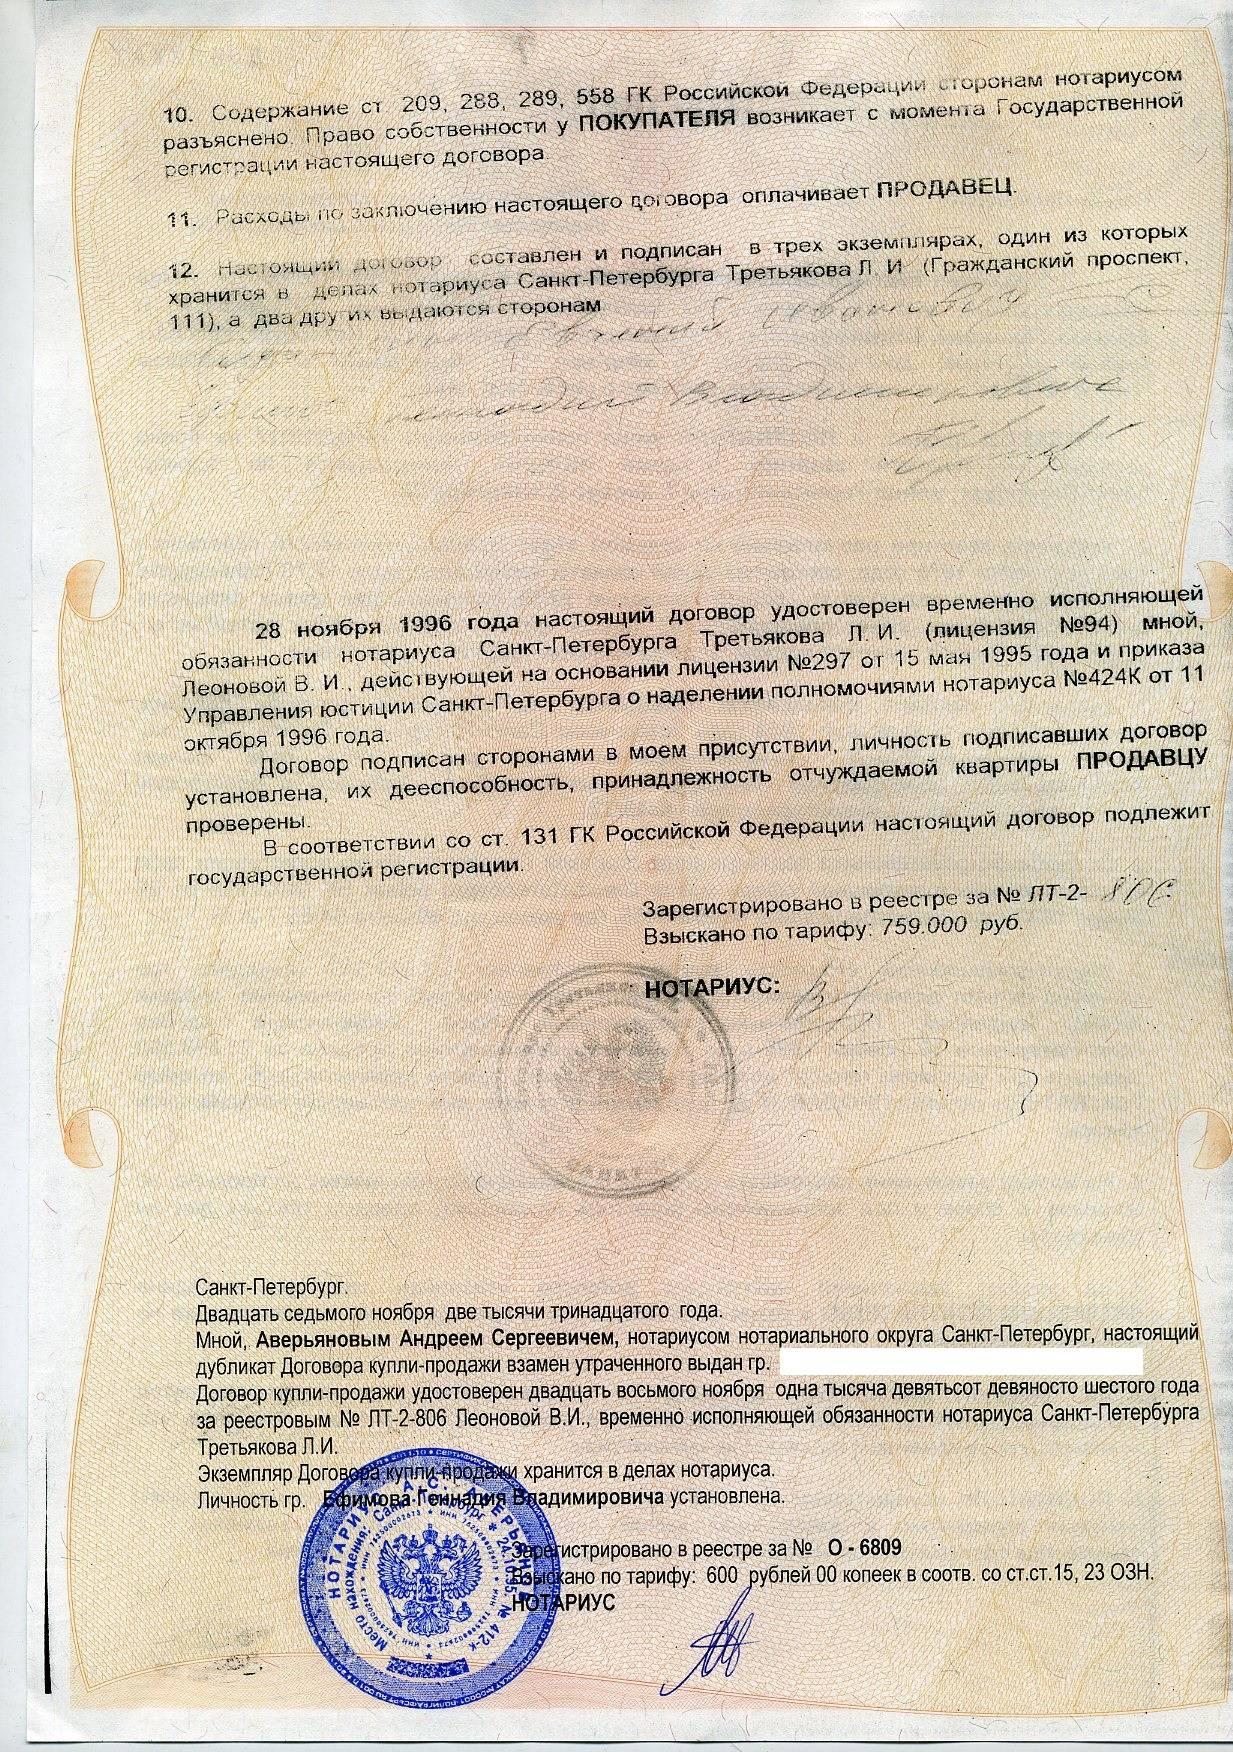 Договор купли-продажи земельного участка по доверенности: образец документа, какие пункты должно содержать соглашение и возможные подводные камни